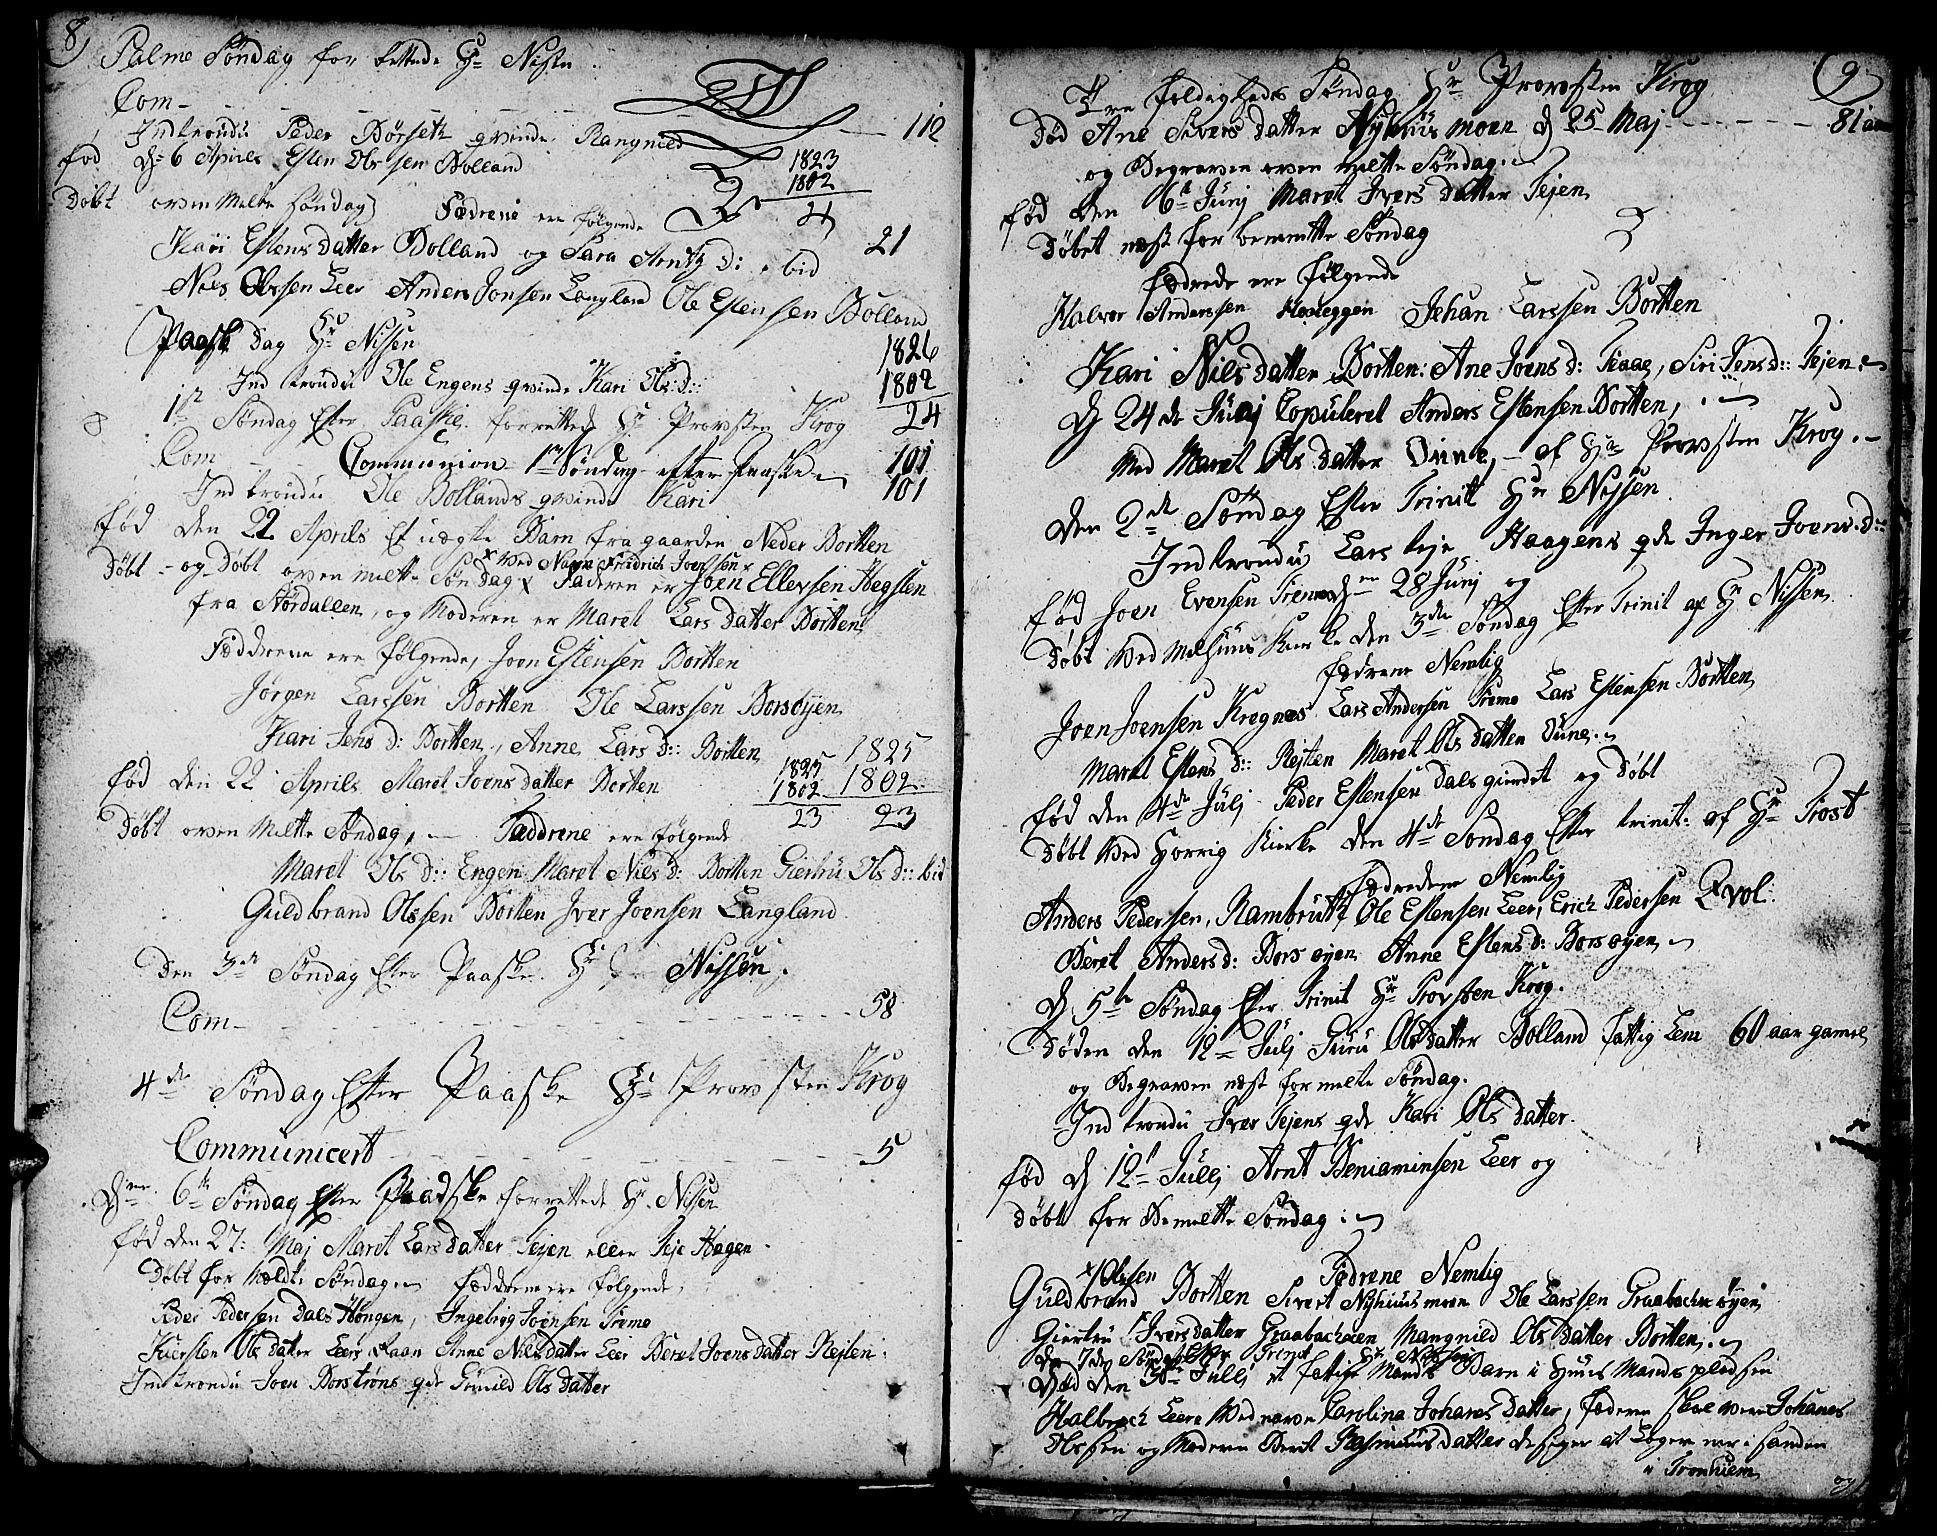 SAT, Ministerialprotokoller, klokkerbøker og fødselsregistre - Sør-Trøndelag, 693/L1120: Klokkerbok nr. 693C01, 1799-1816, s. 8-9